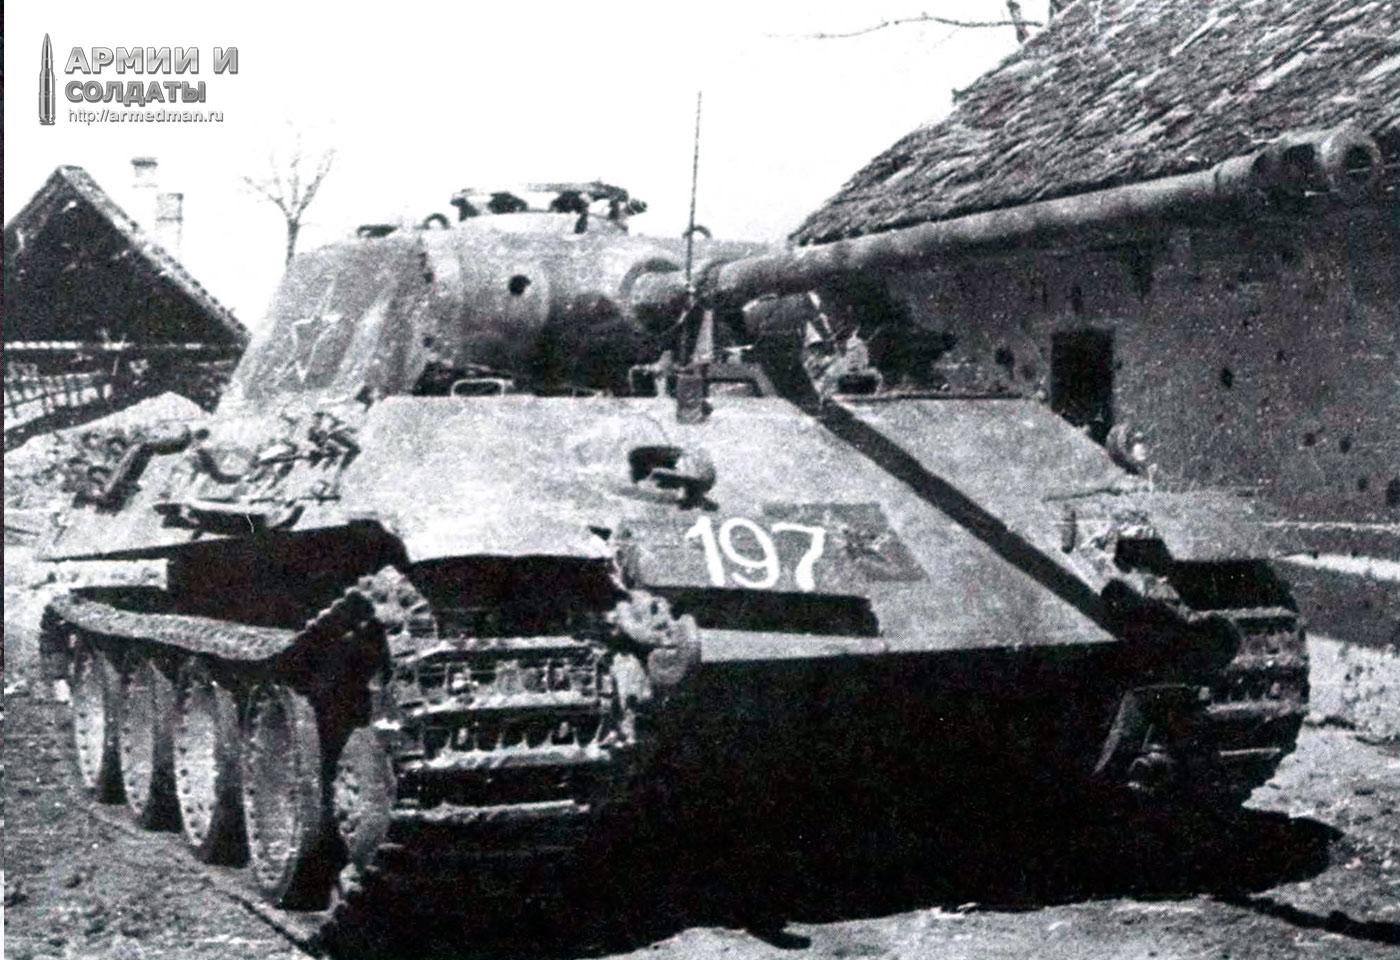 трофейная-пантера,-1945-год,-366-й-самоходн-артел-полк,-3-укр-фронт,-4-я-гвард-армия